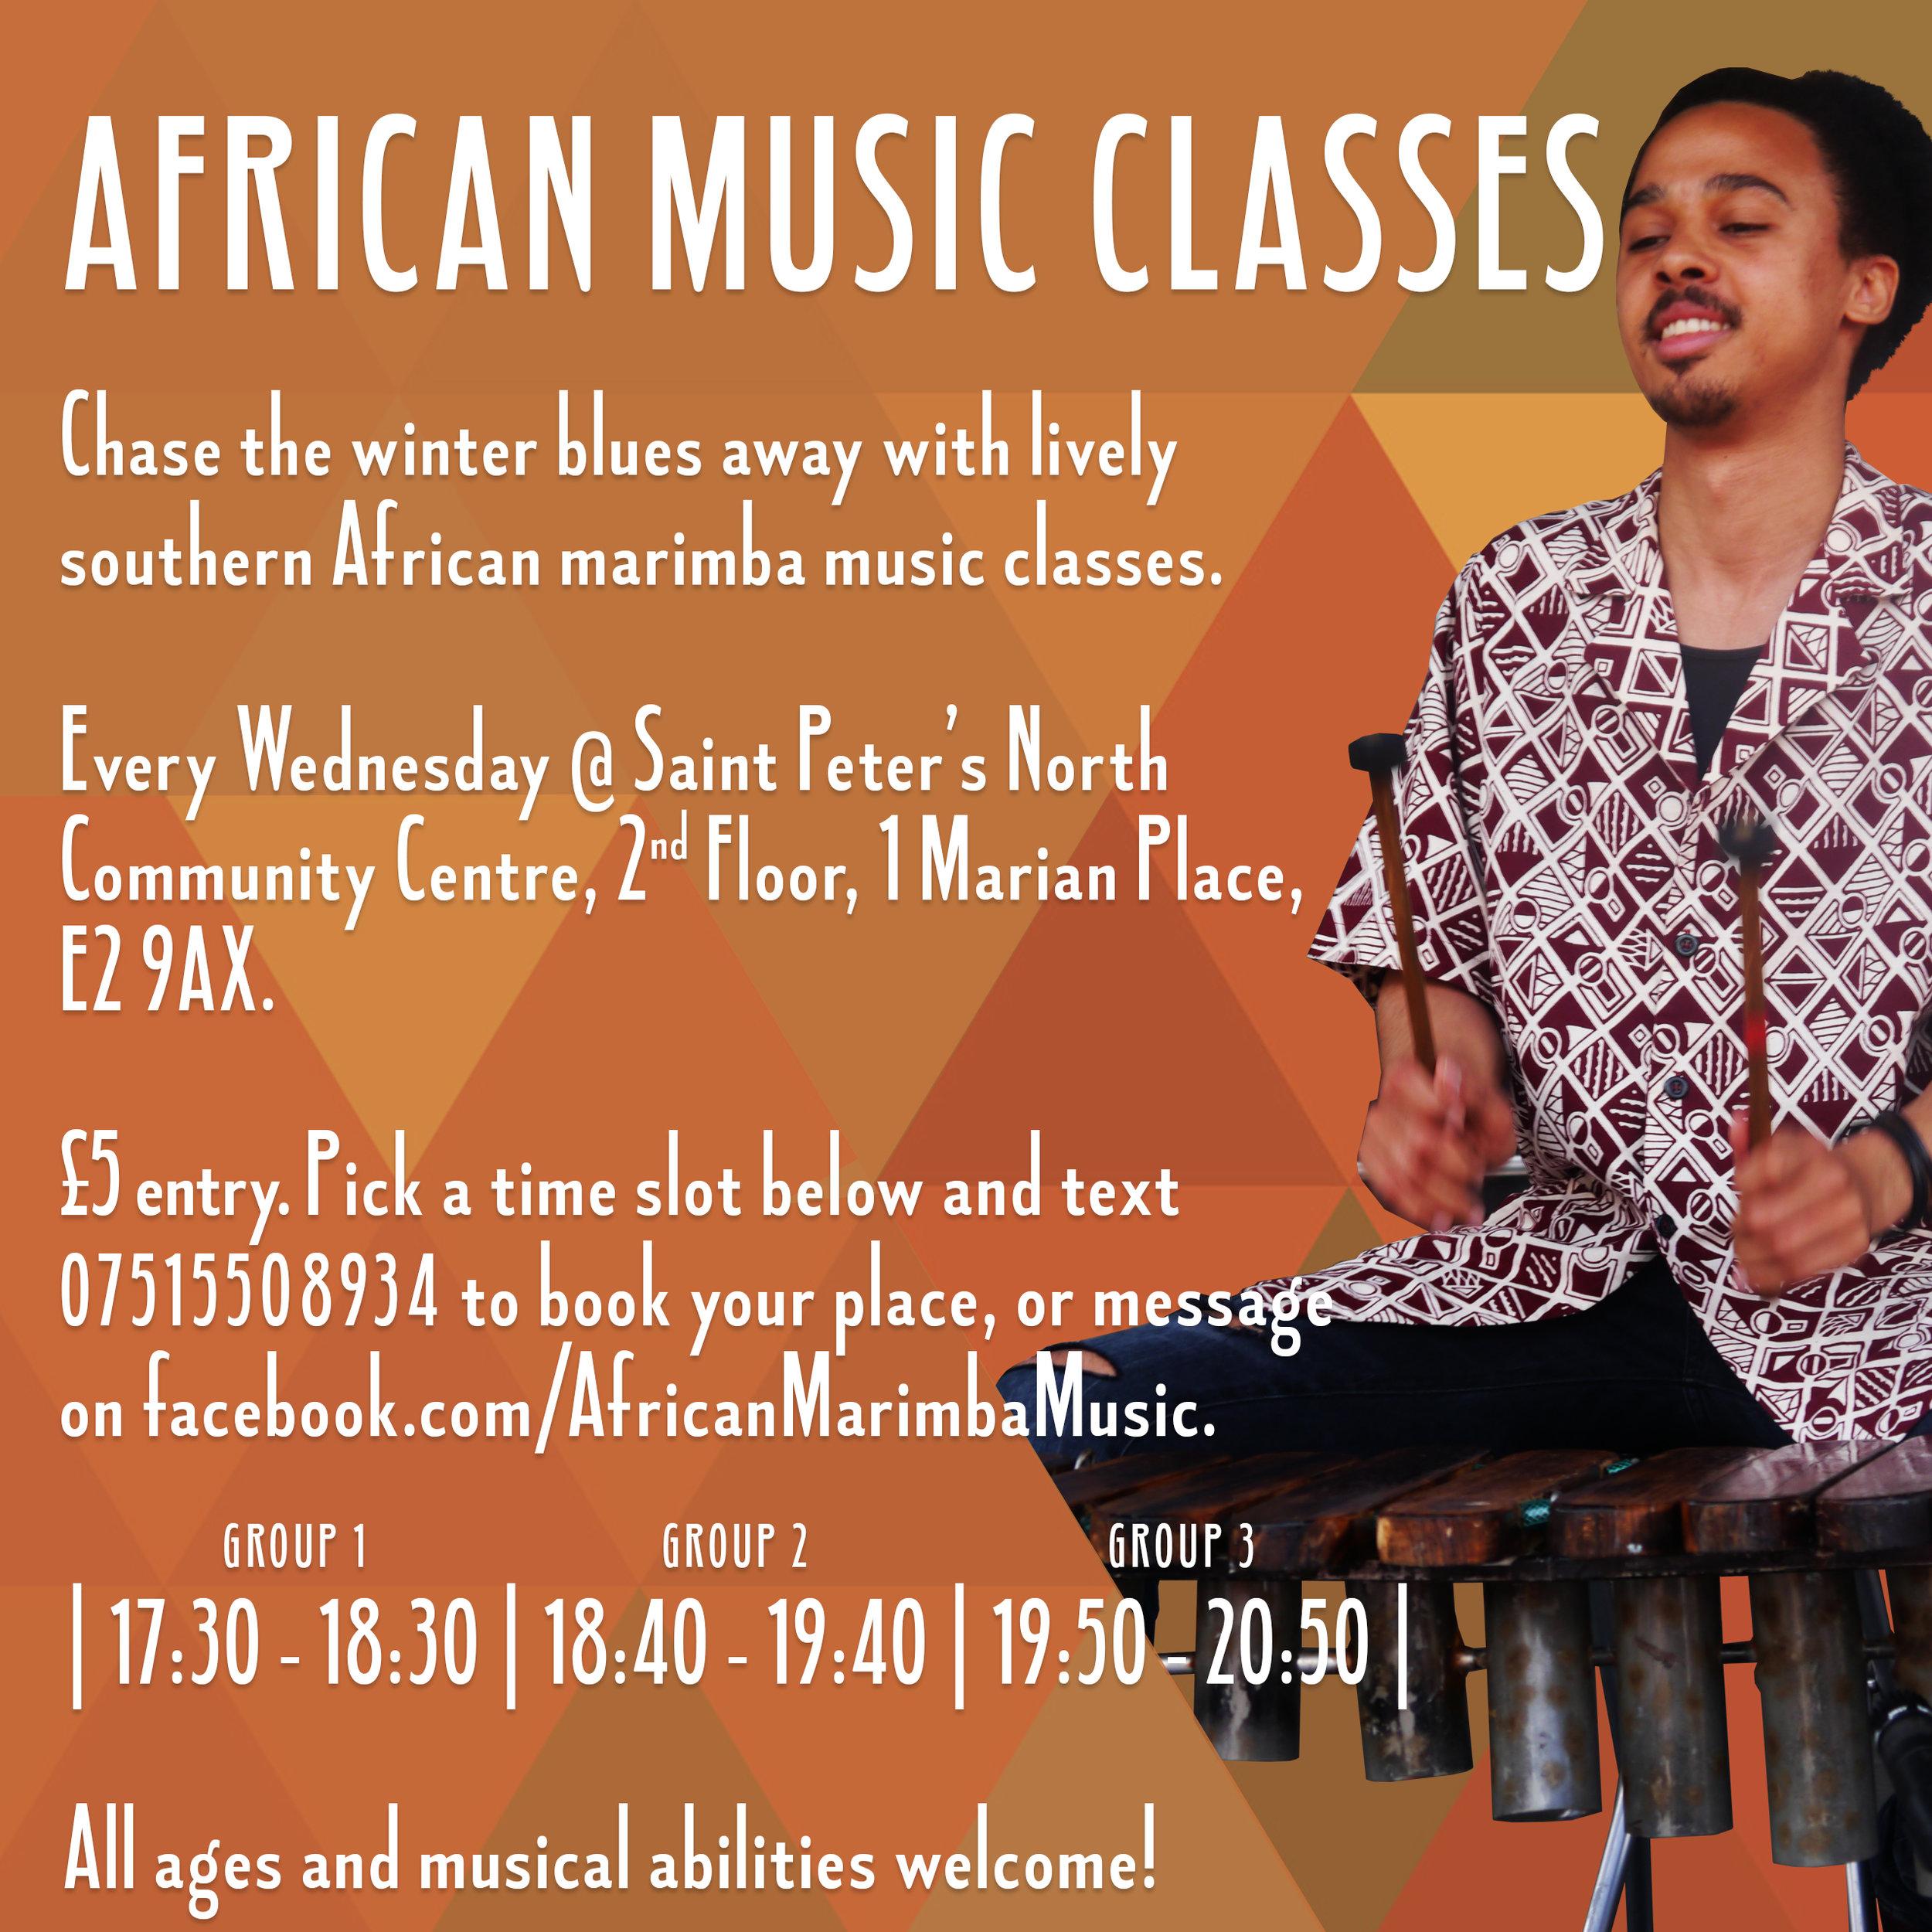 Otto_Gumaelius_African_Marimba_Music_Classes